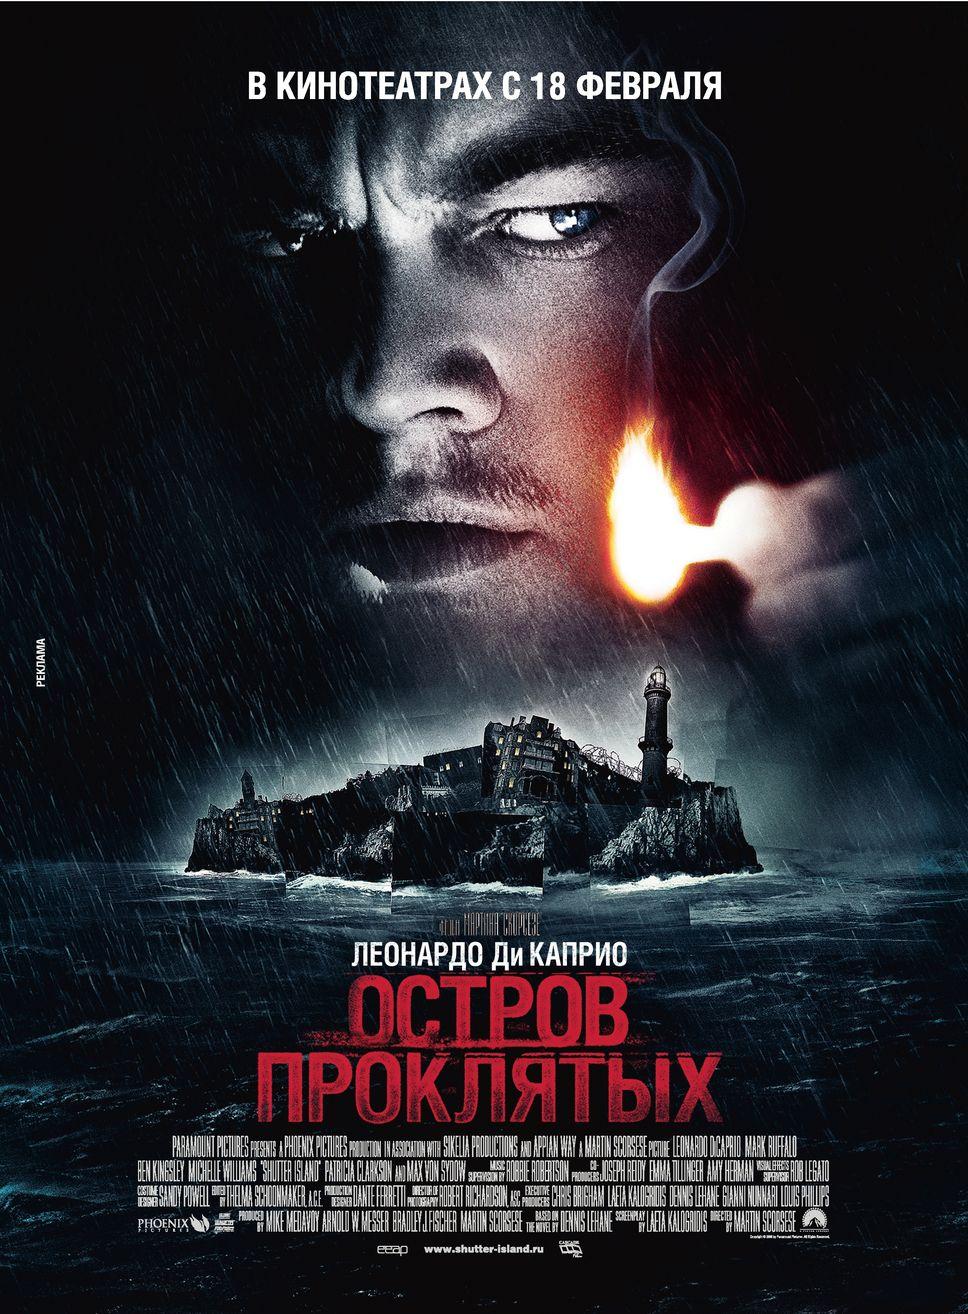 Остров проклятых, постер № 7